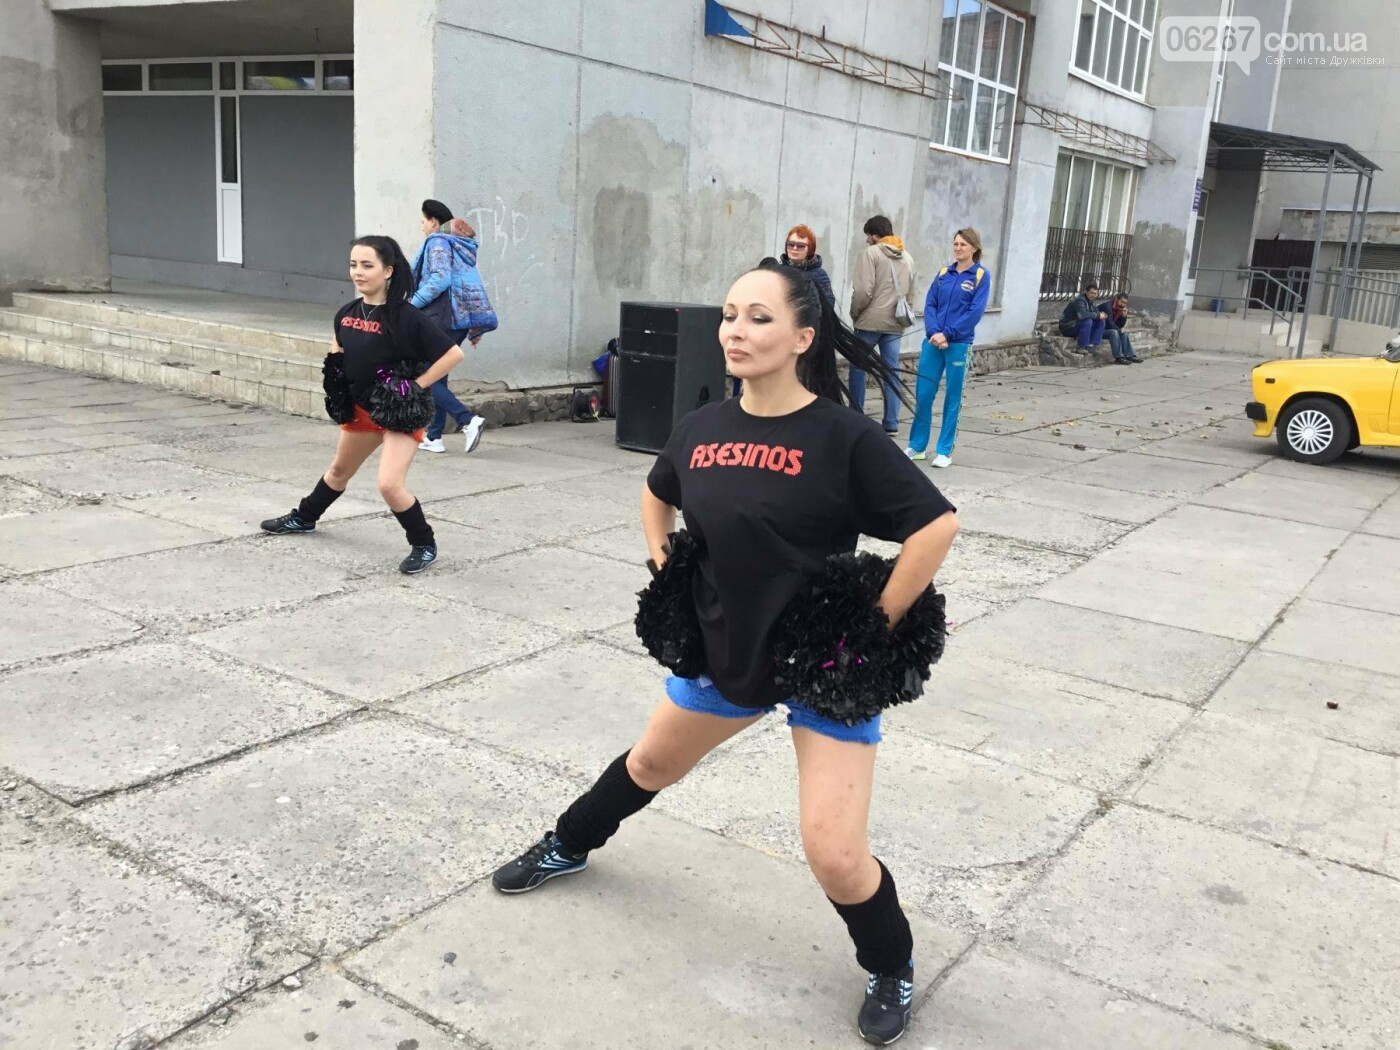 Всемирный день ходьбы отметили сегодня в Дружковке ярким спортивным праздником (ФОТО, ВИДЕО), фото-3